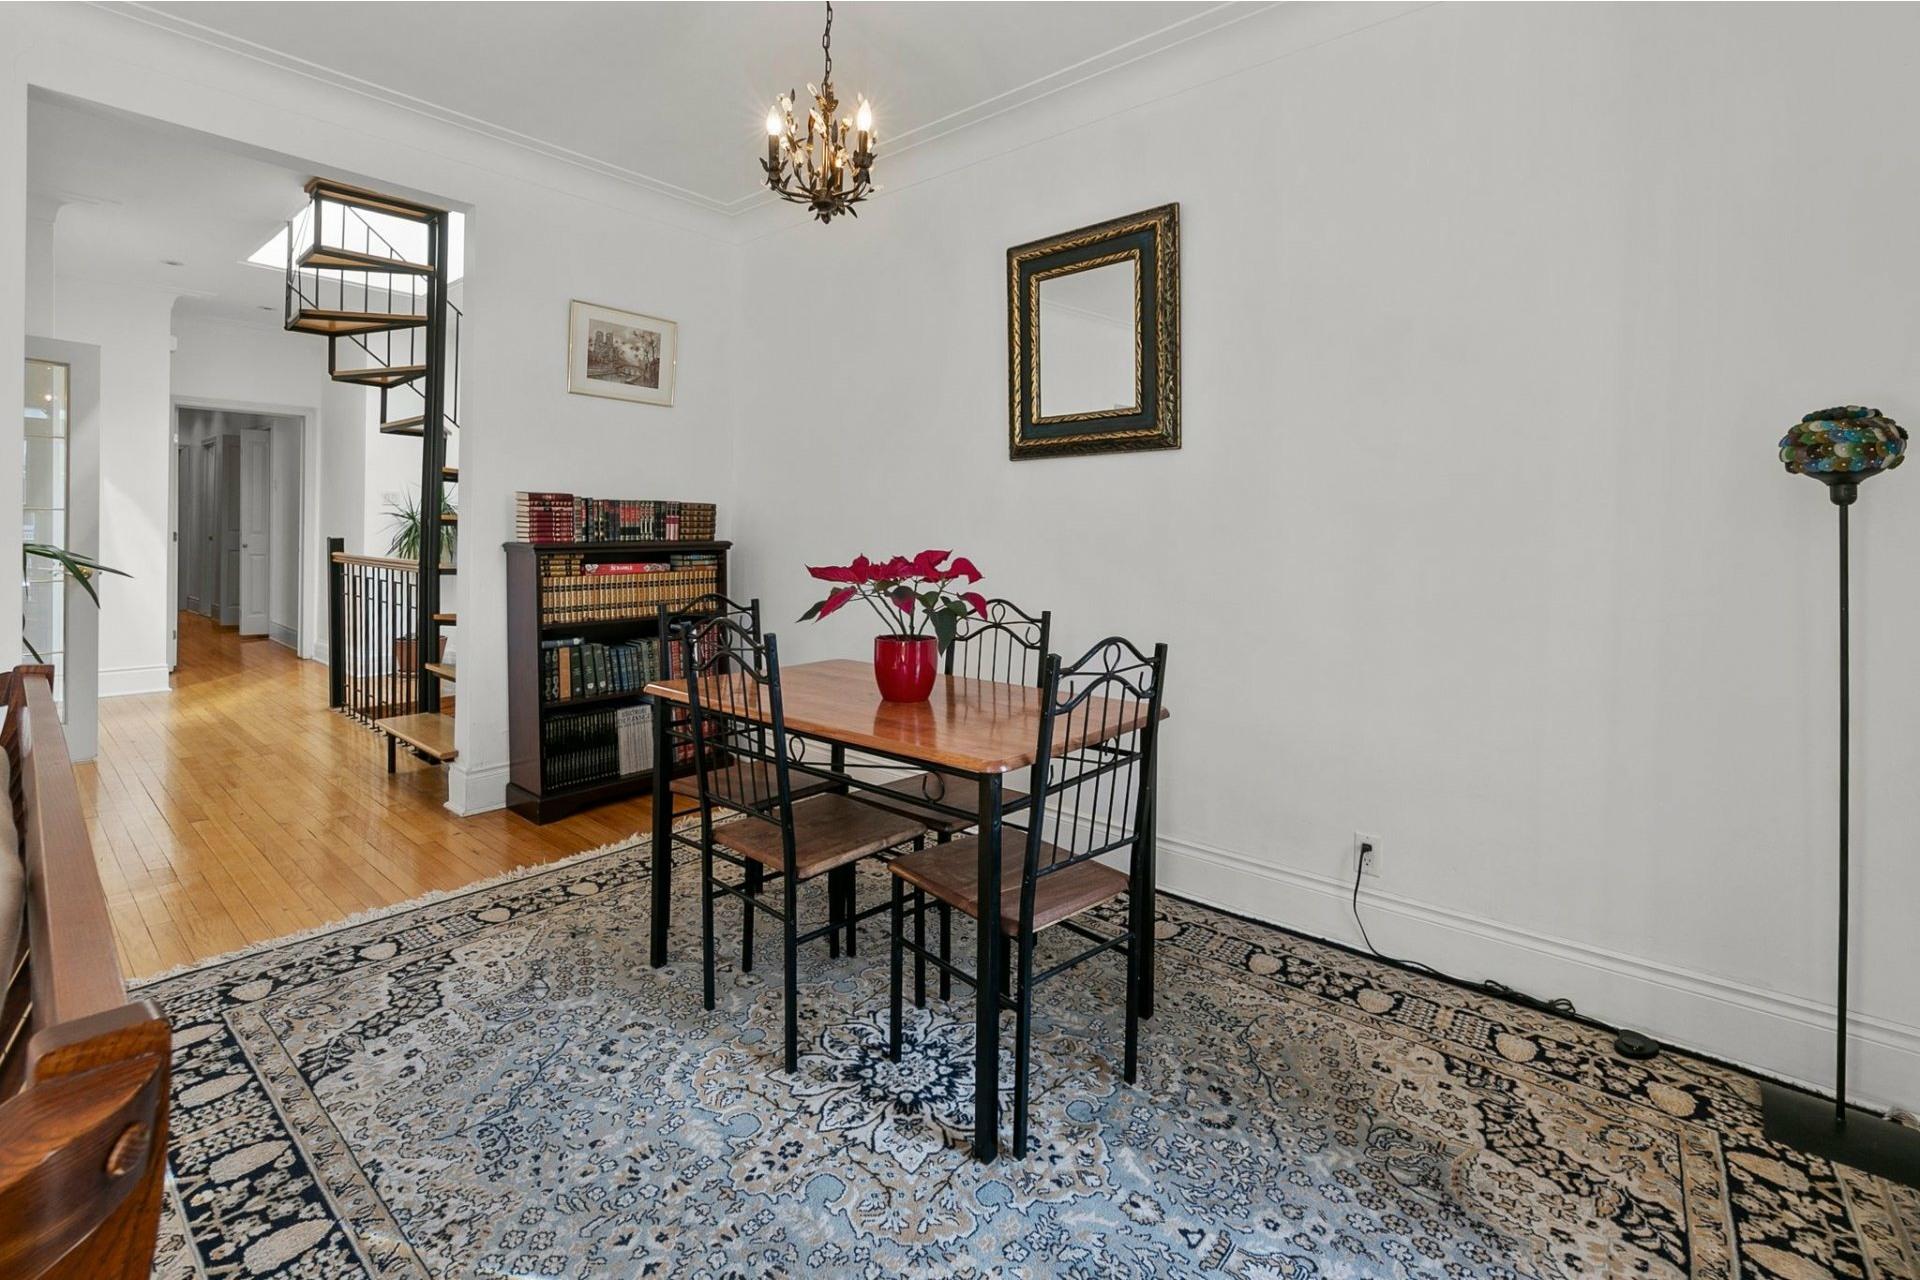 image 6 - Appartement À vendre Côte-des-Neiges/Notre-Dame-de-Grâce Montréal  - 10 pièces